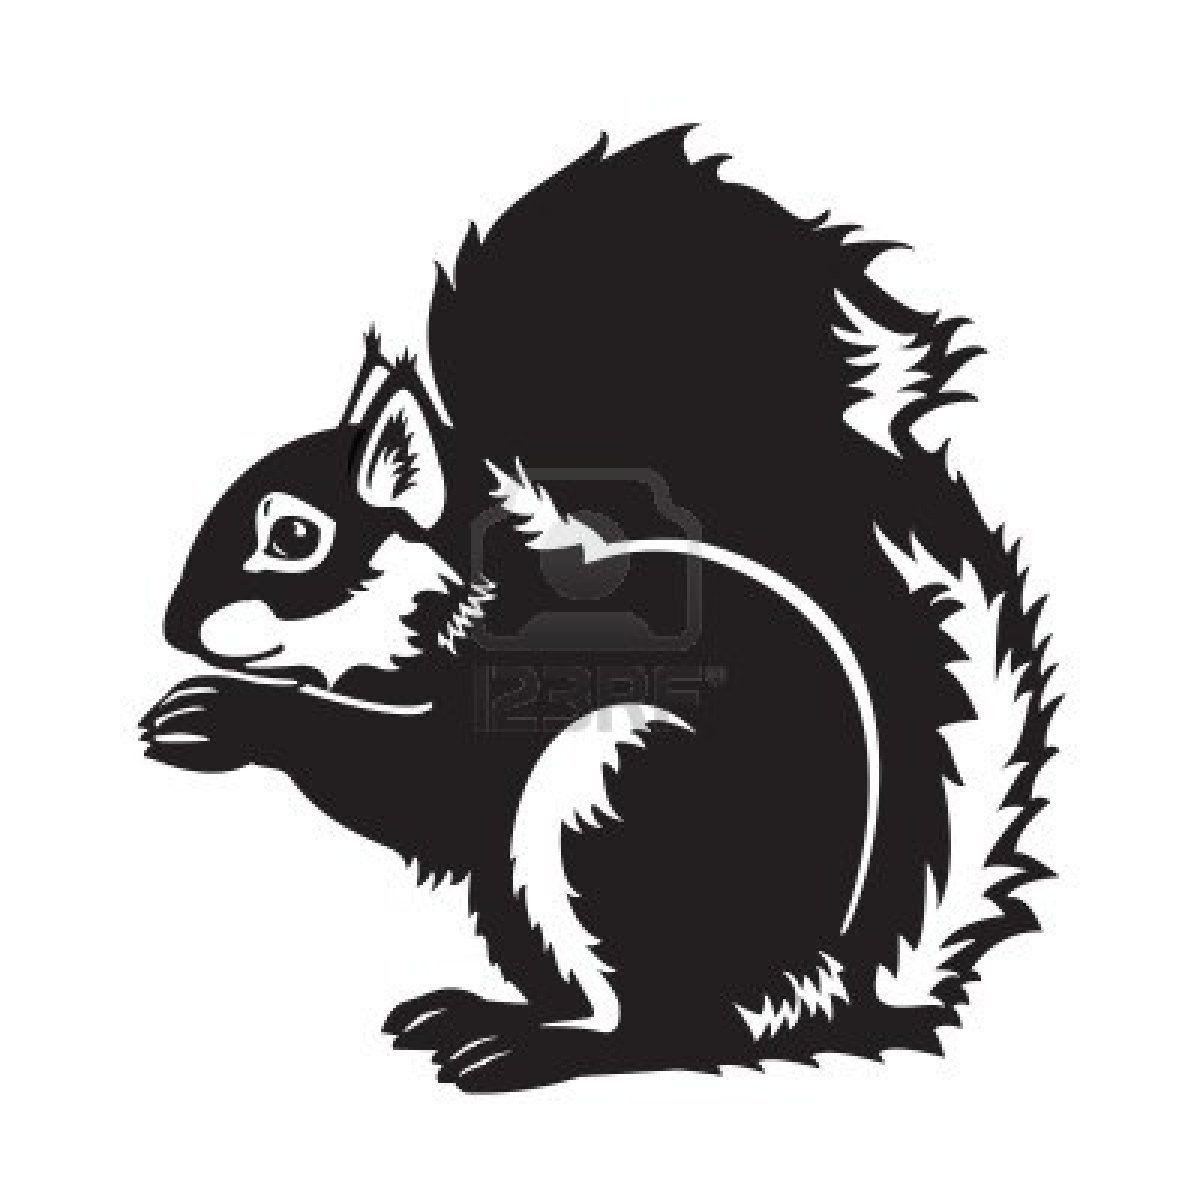 Eichhörnchen | Животные | Pinterest | Eichhörnchen, Silhouetten und ...